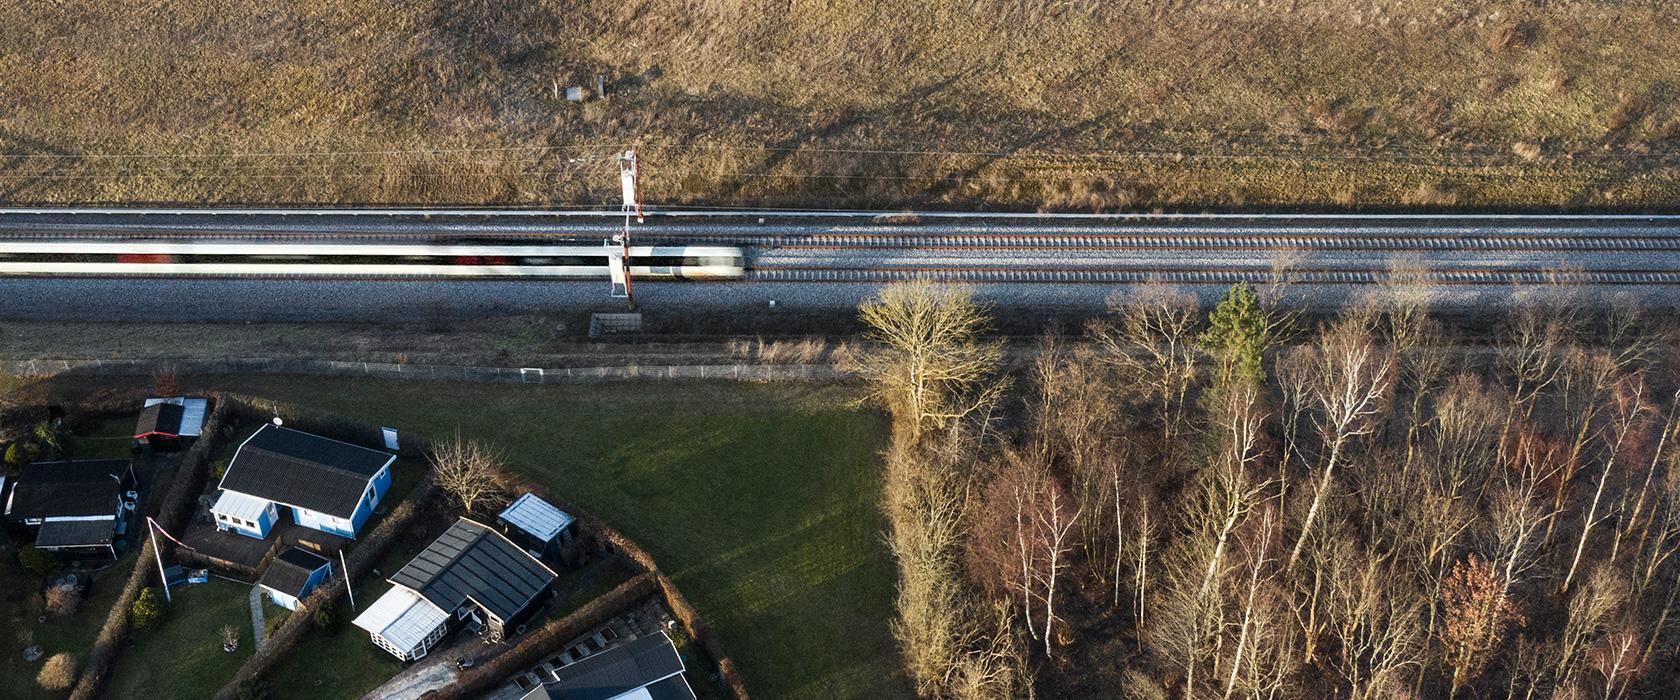 KBH - Ringstedbanen oppefra